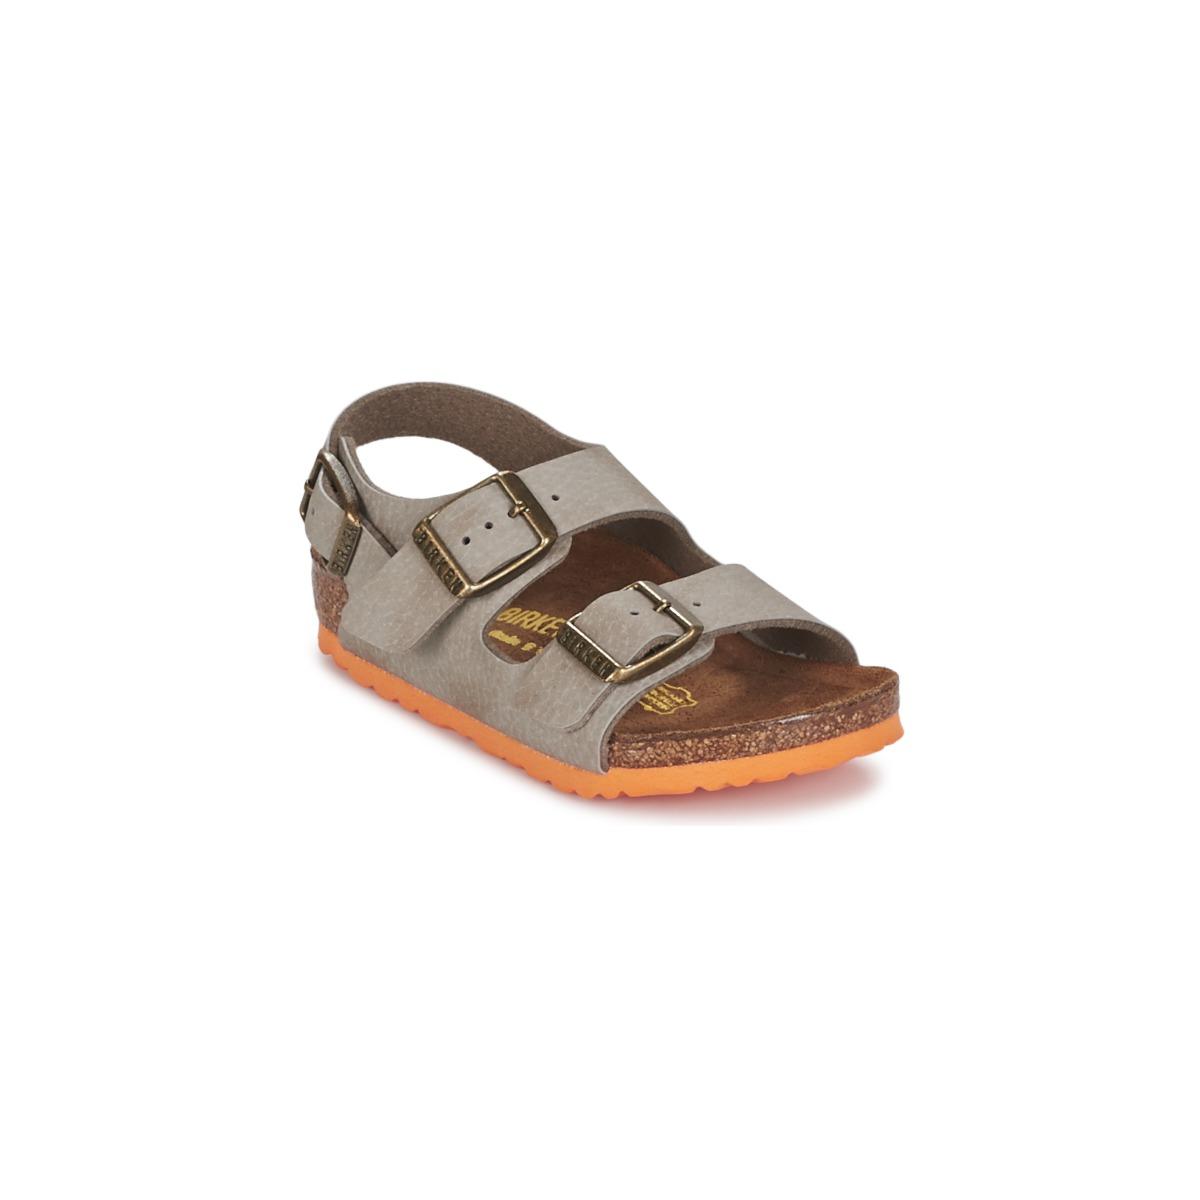 Sandale Birkenstock MILANO Taupe